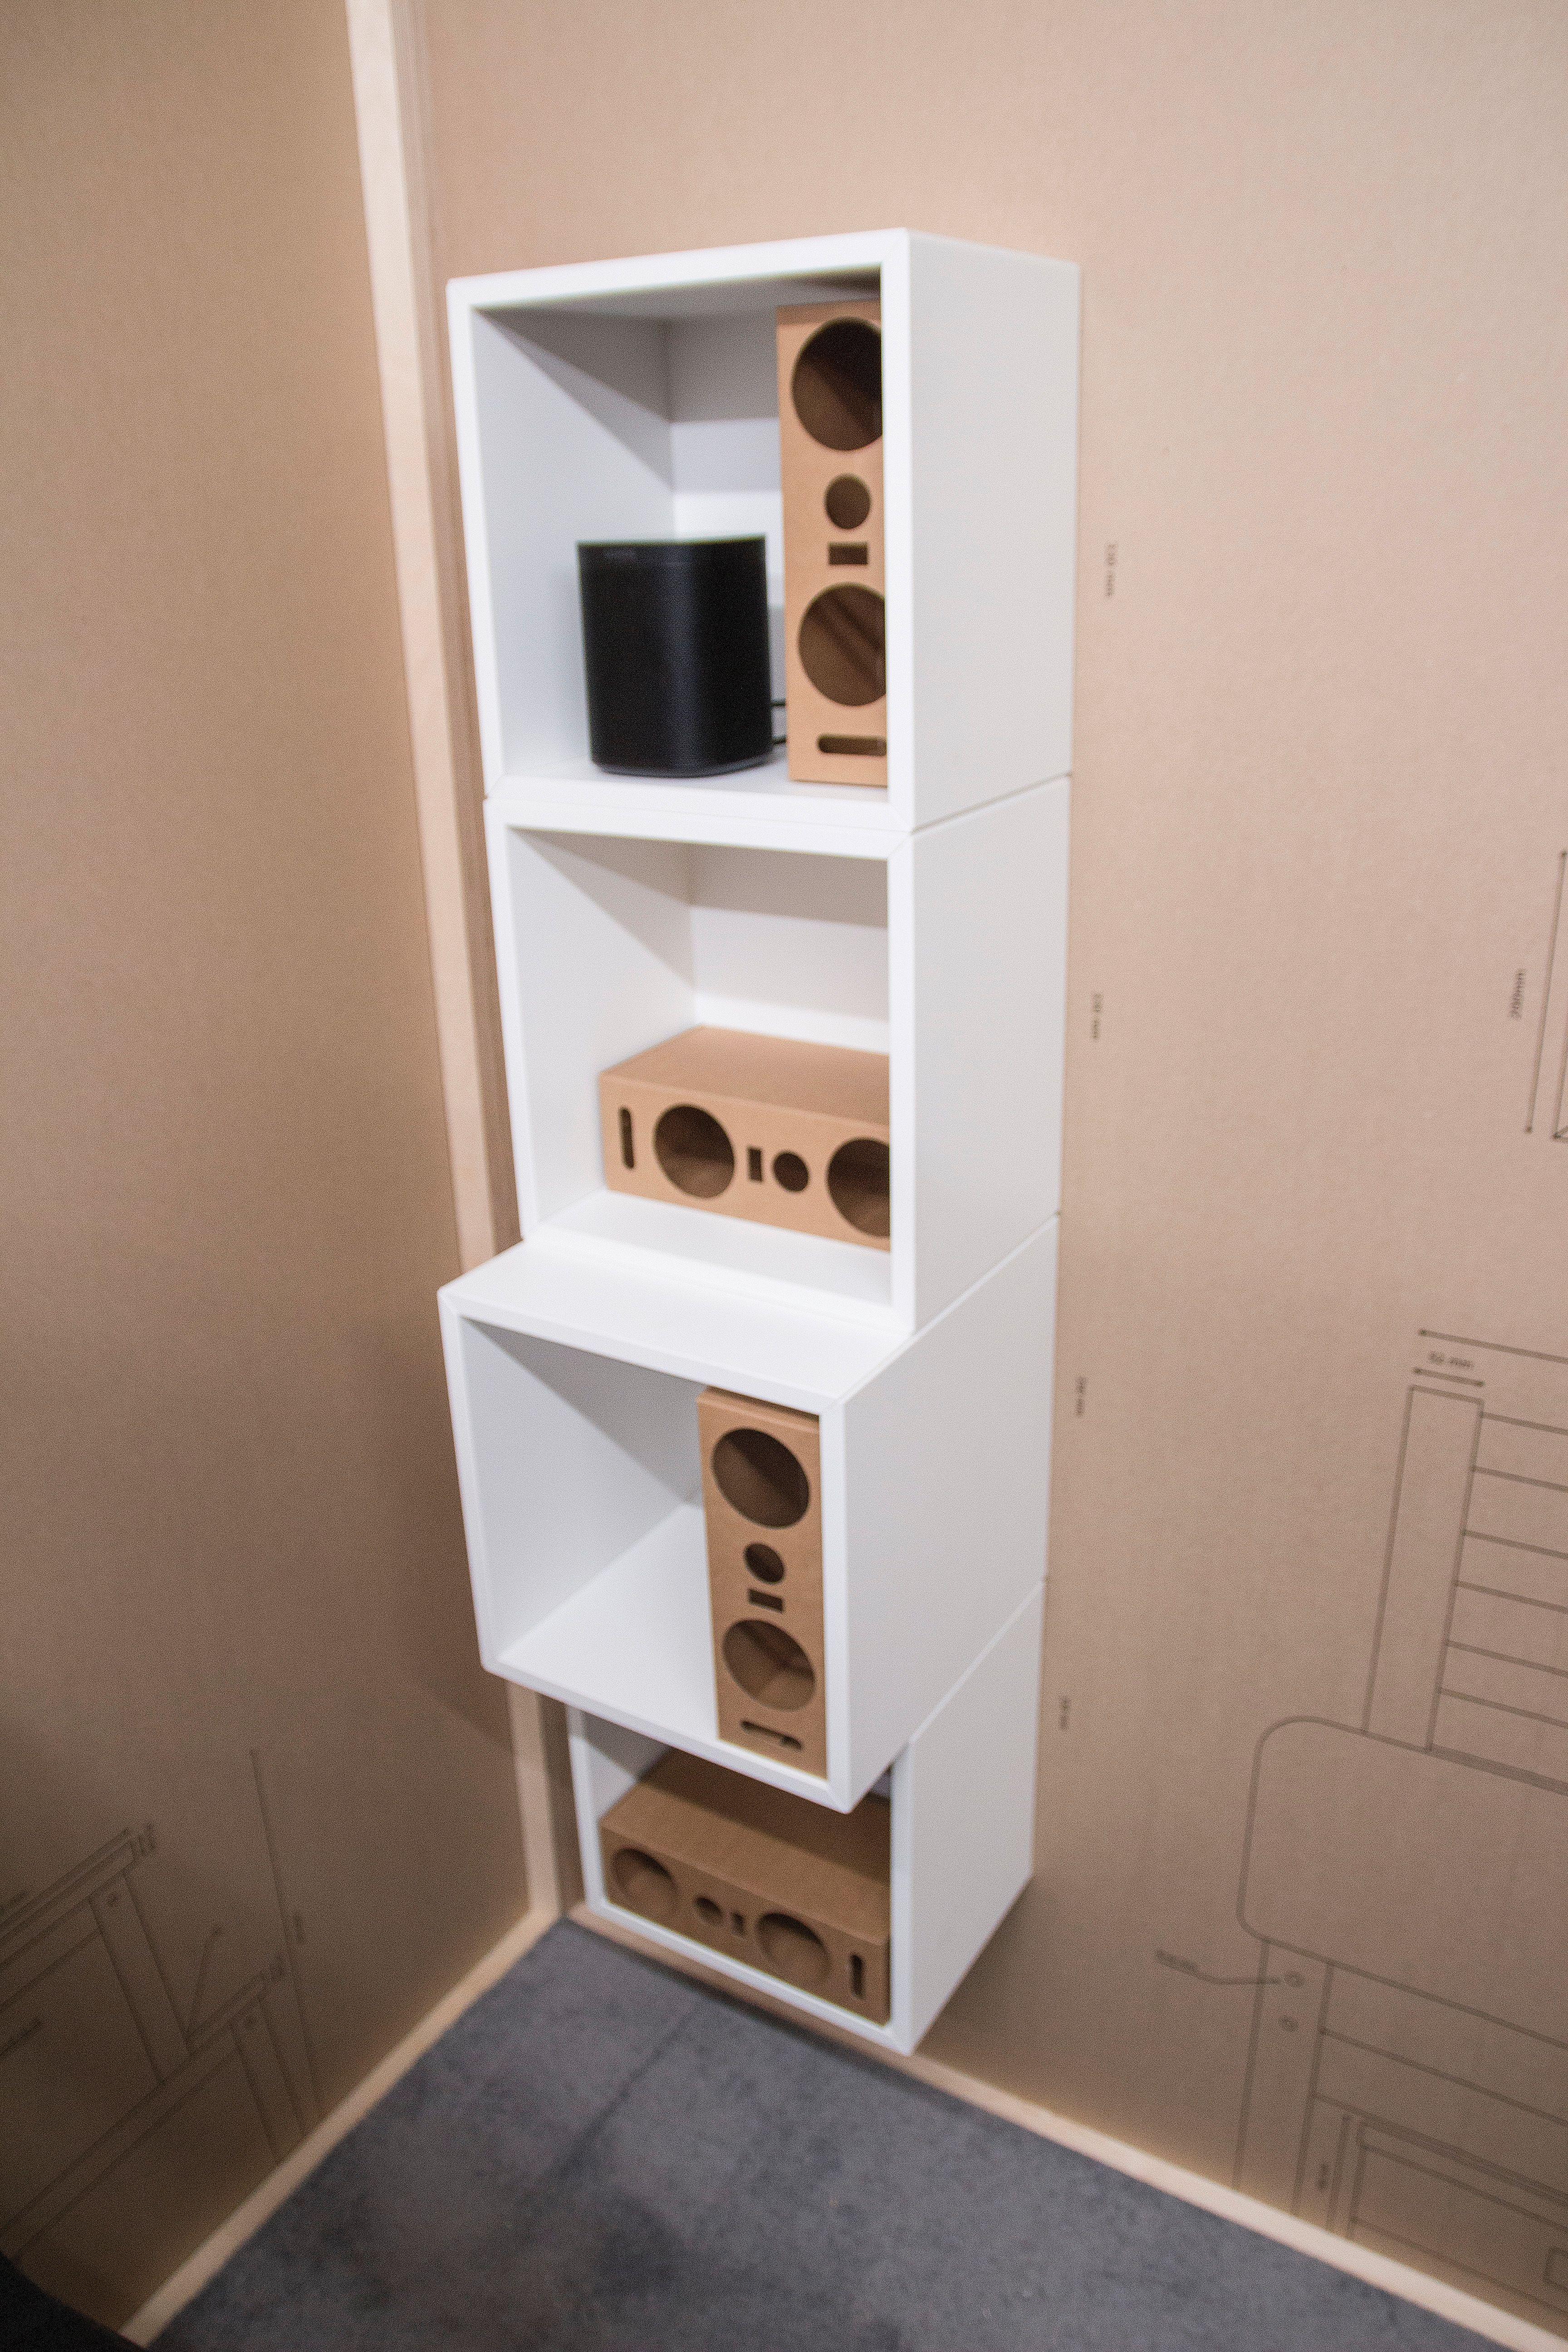 Prototypen av høyttaleren er utviklet for å passe i Ikeas hyllestørrelser, blant annet i Kallax-serien. Øverst en Sonos One.